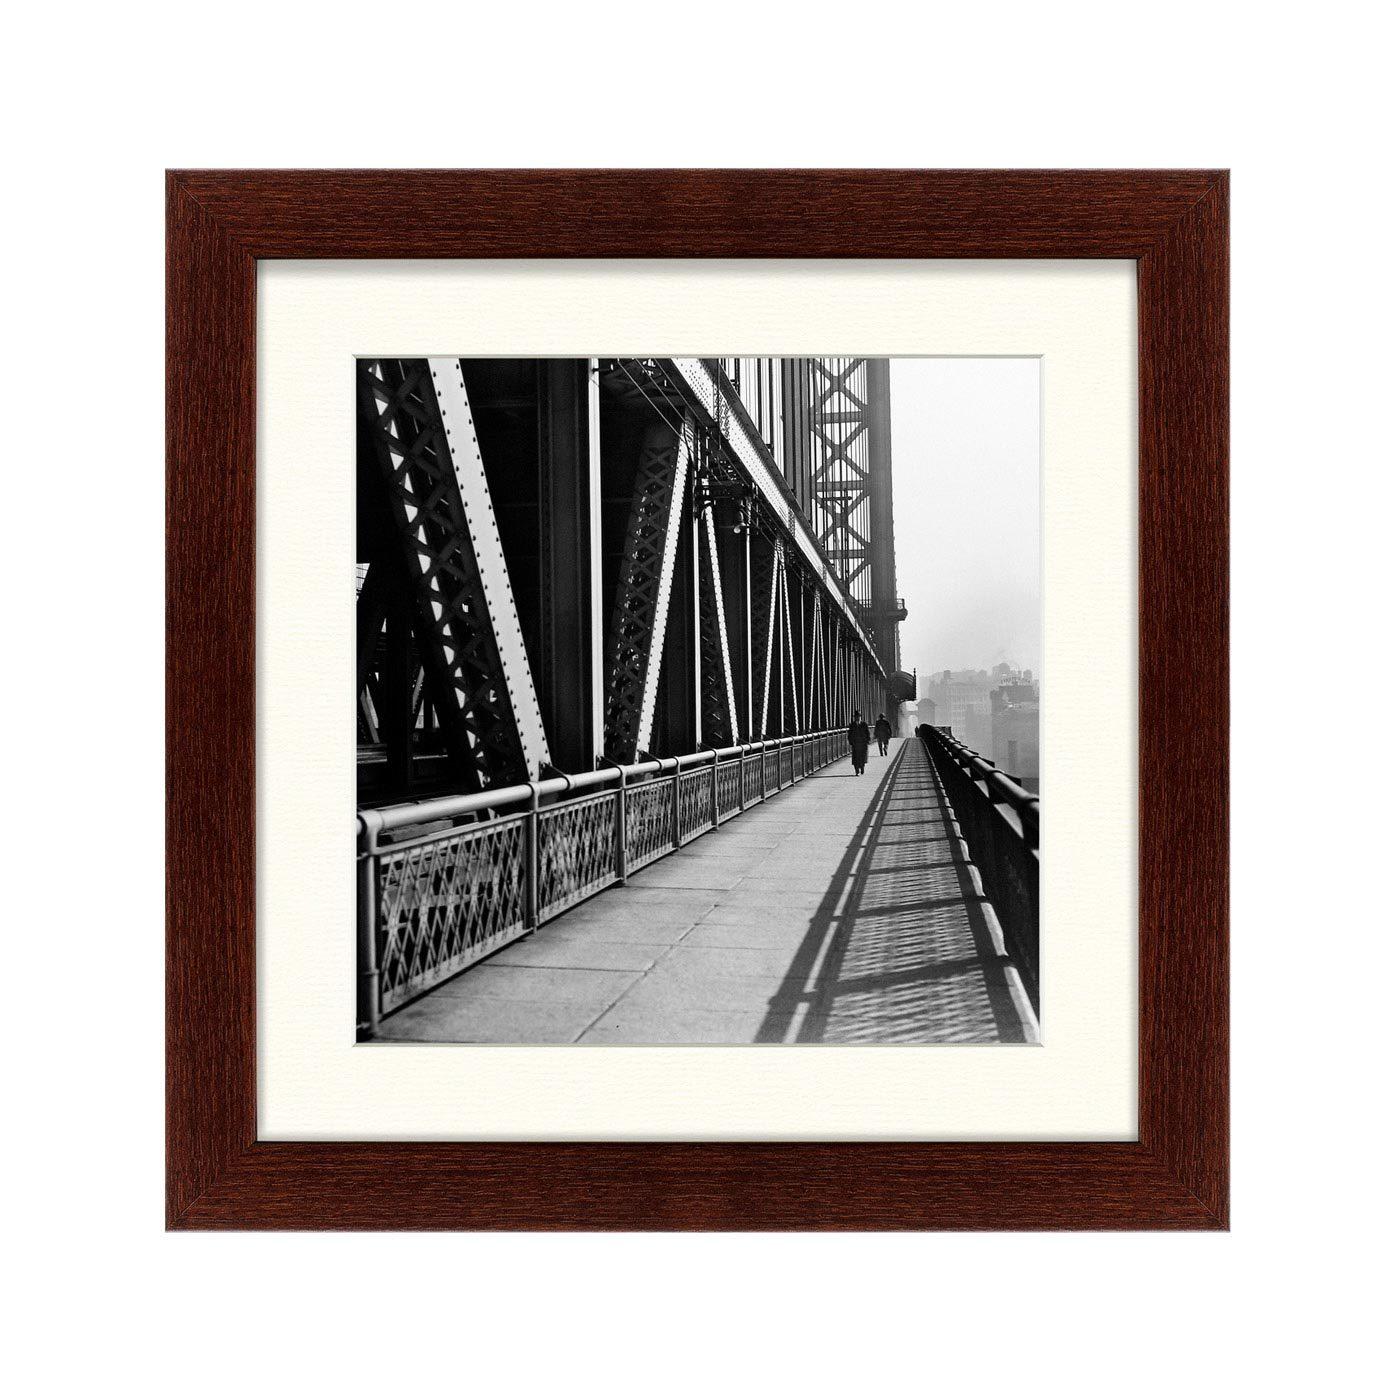 {} Картины в Квартиру Картина Манхэттенский Мост (35х35 см) картины в квартиру картина бульдоги в шотландской клетке 35х35 см